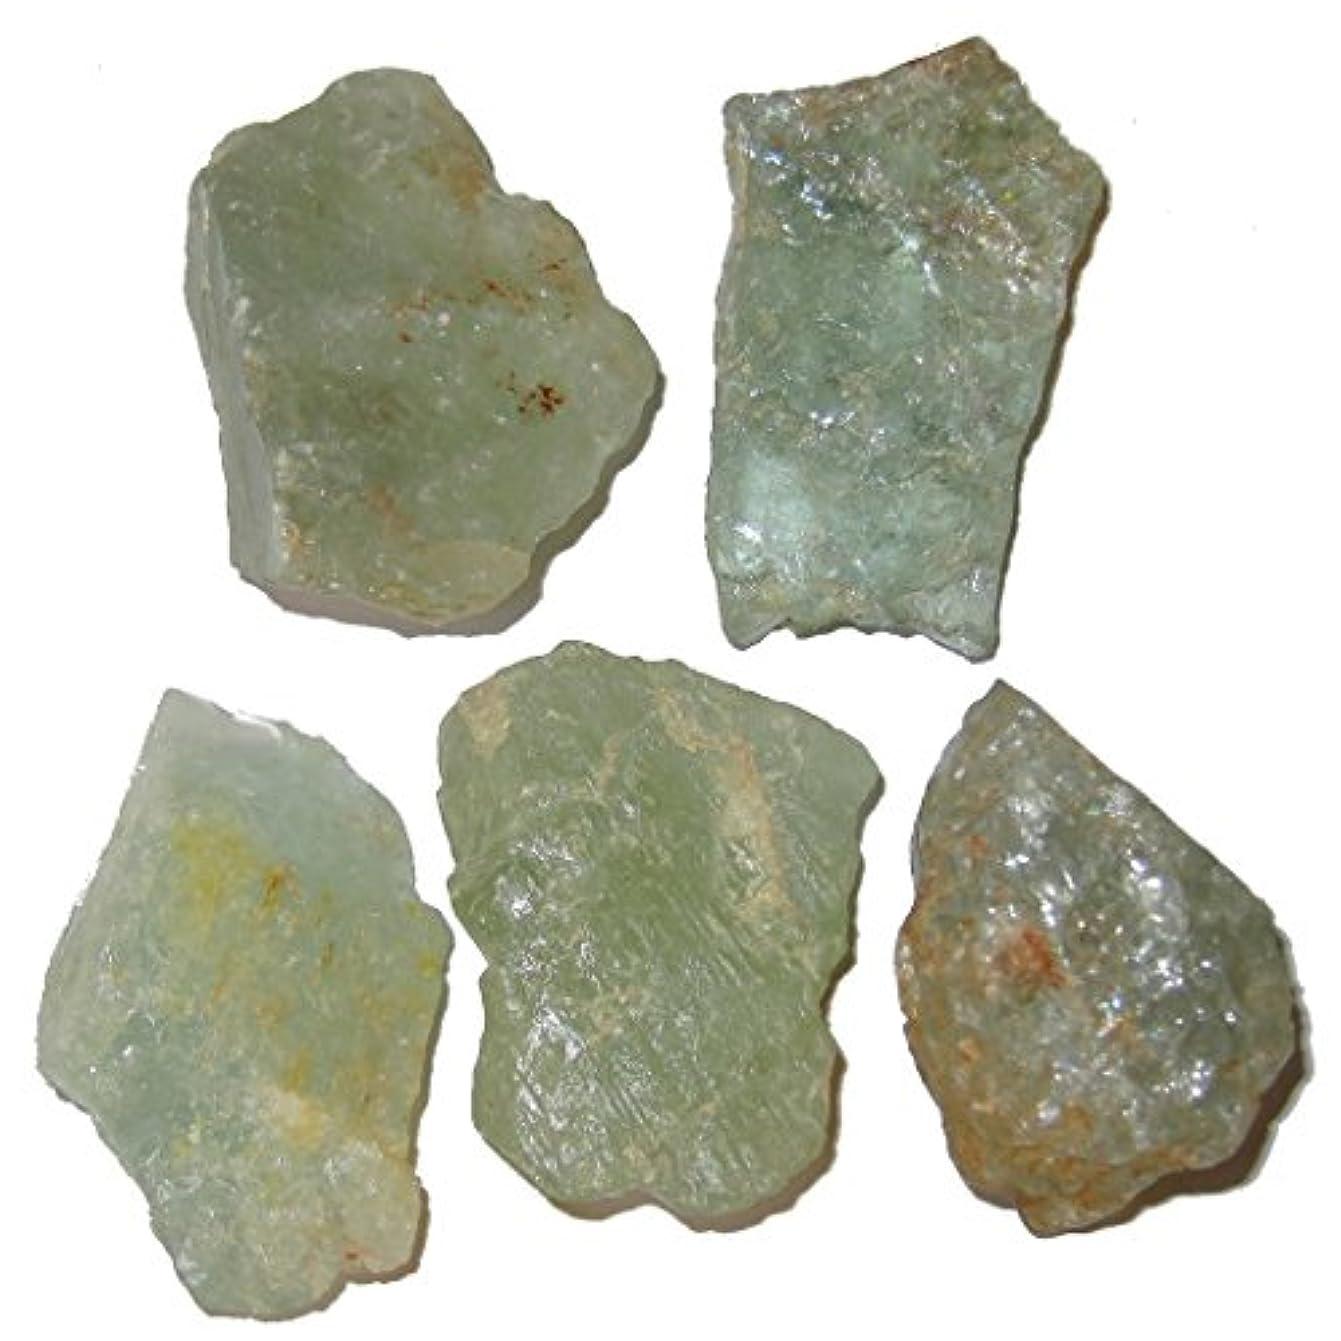 サテンクリスタルアクアマリンRaw Gemstone 1.7 – 2.1